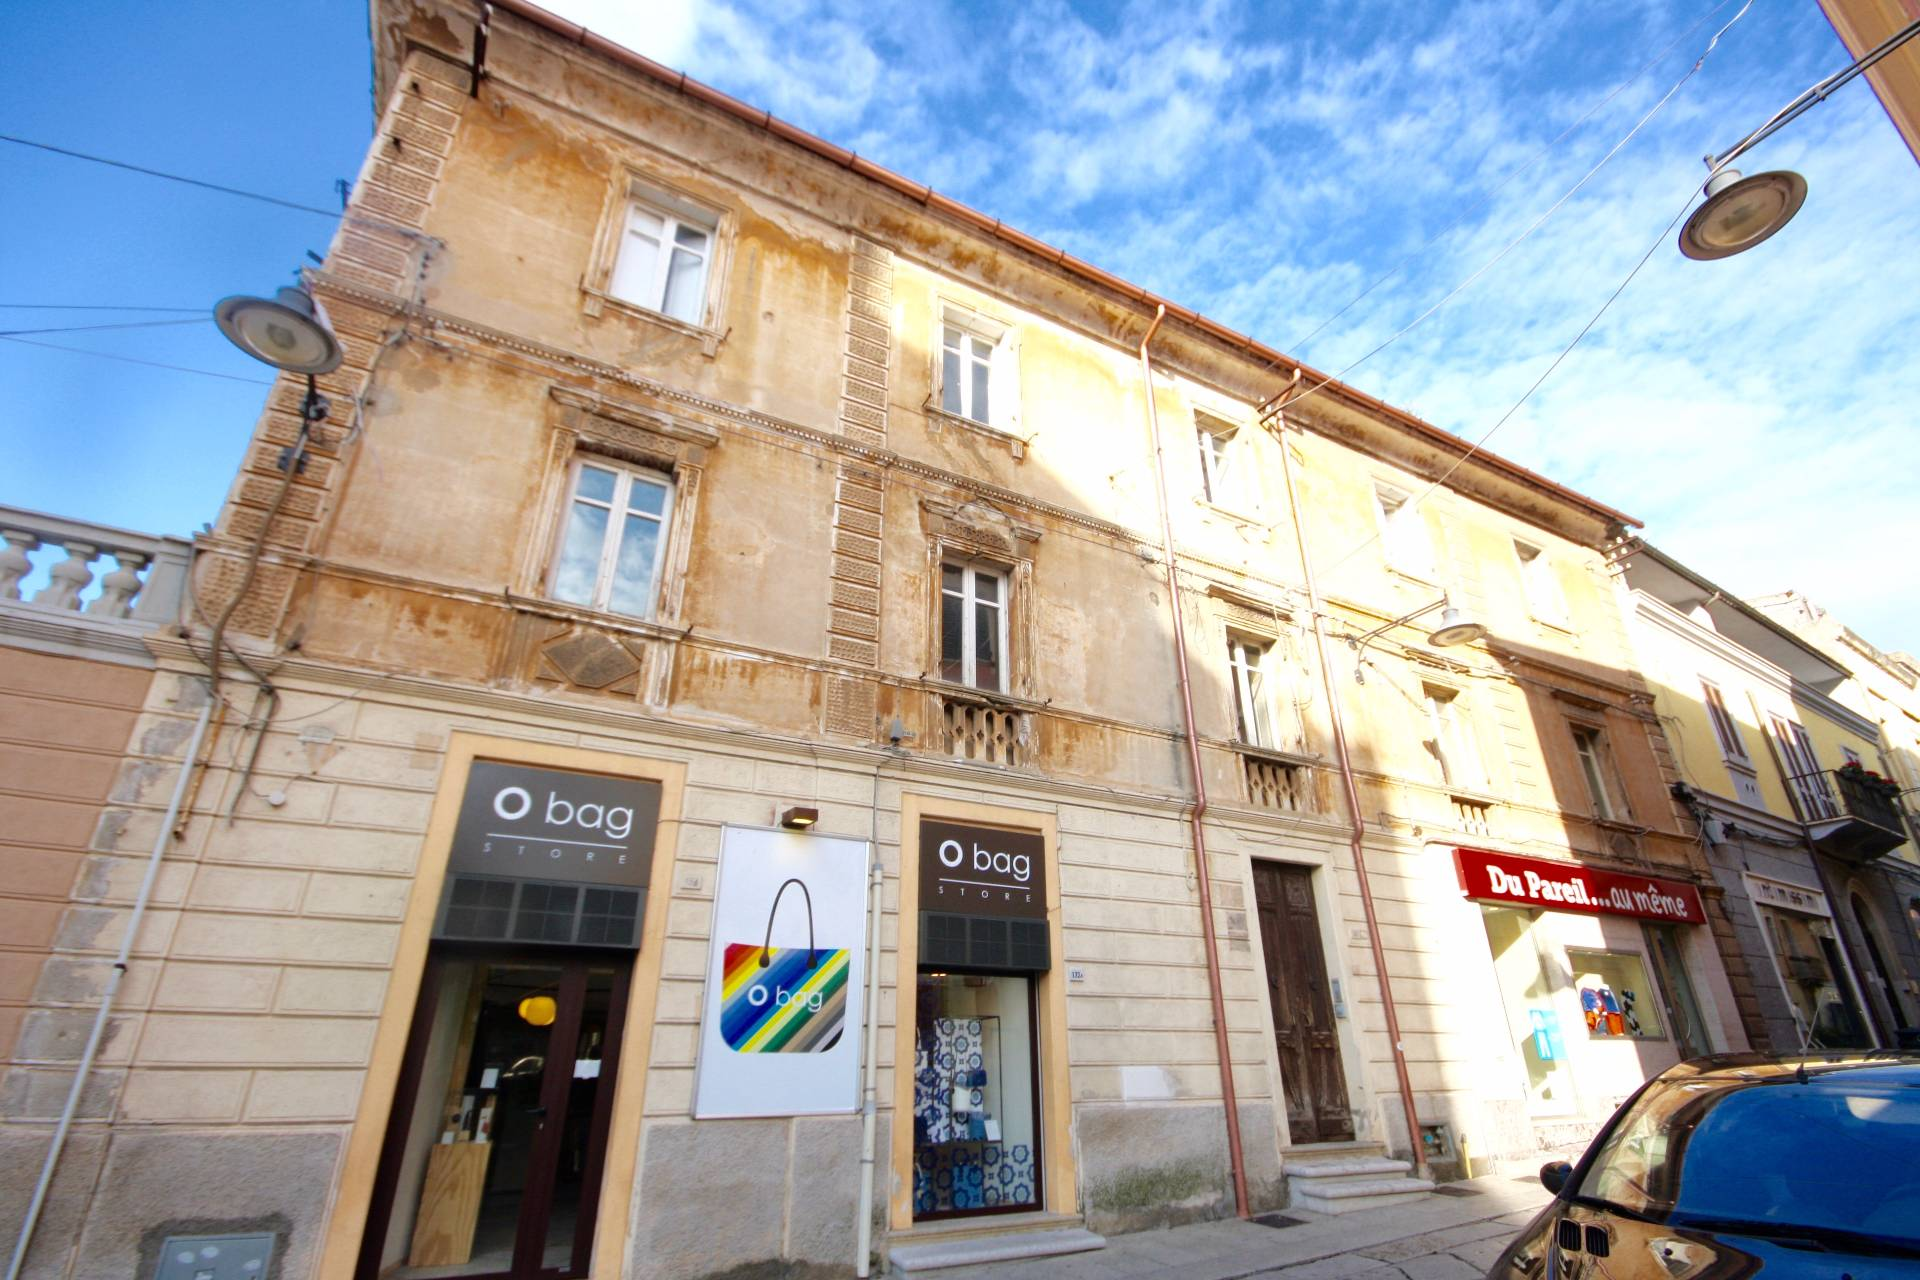 Ufficio / Studio in affitto a Olbia - Porto Rotondo, 9999 locali, zona Località: Olbiacittà, prezzo € 3.000 | CambioCasa.it